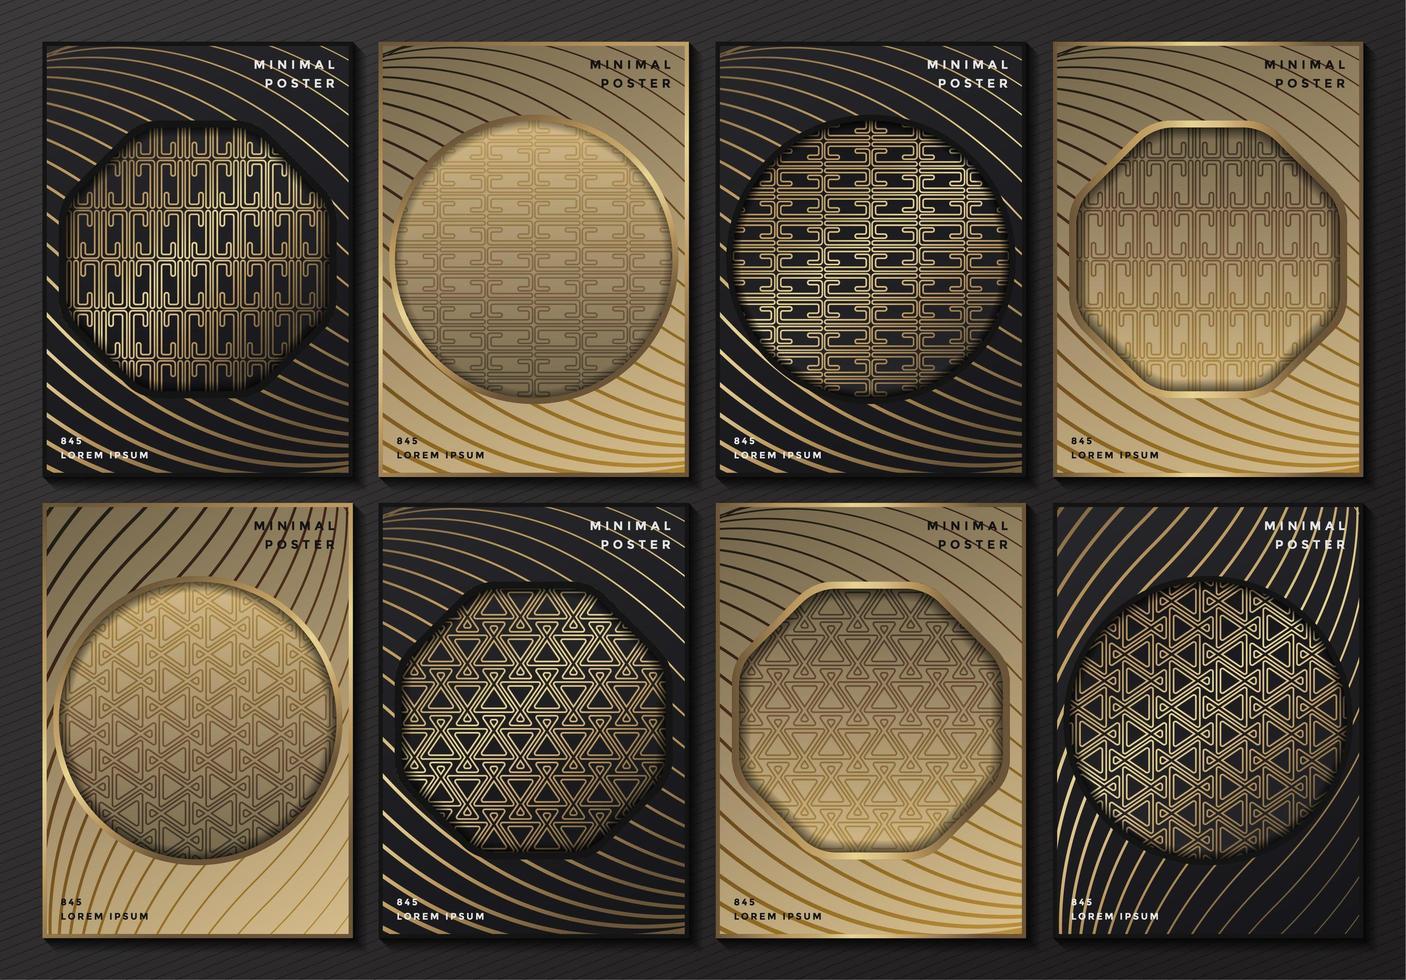 affiches à motifs gris et or avec des cadres géométriques vecteur